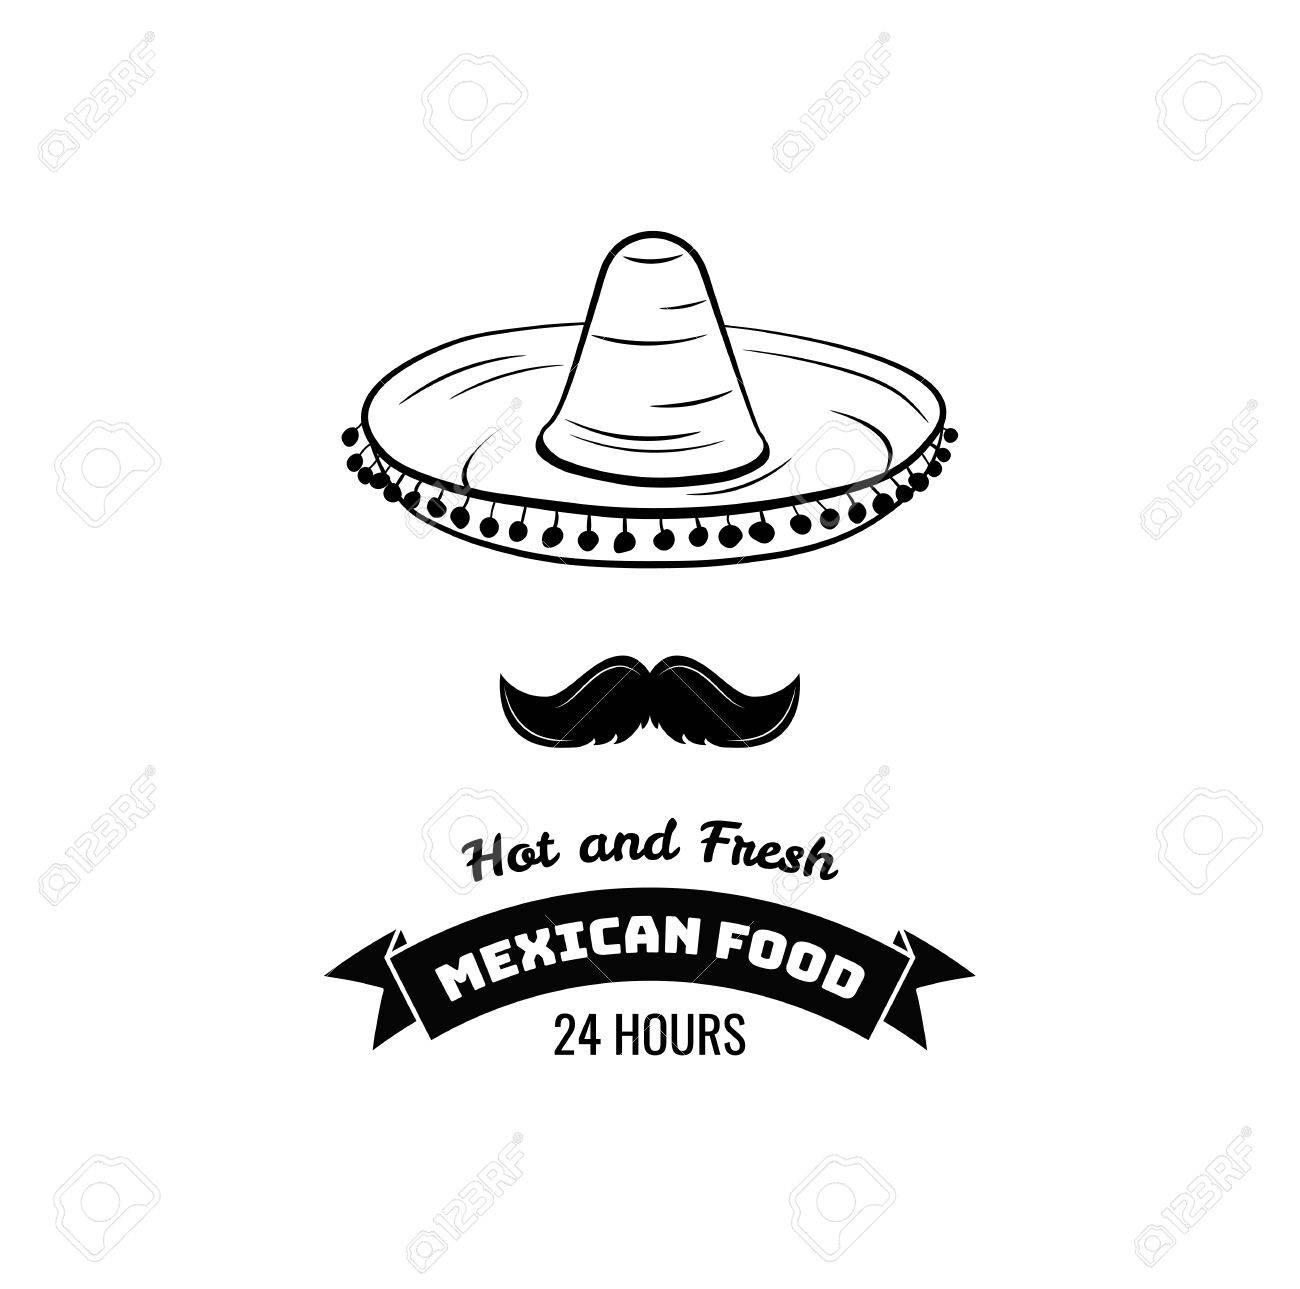 84397667cbc85 Foto de archivo - Sombrero y bigote etiqueta. México Alimentos. Tradicional  signo de cocina mexicana para el restaurante. Ilustración